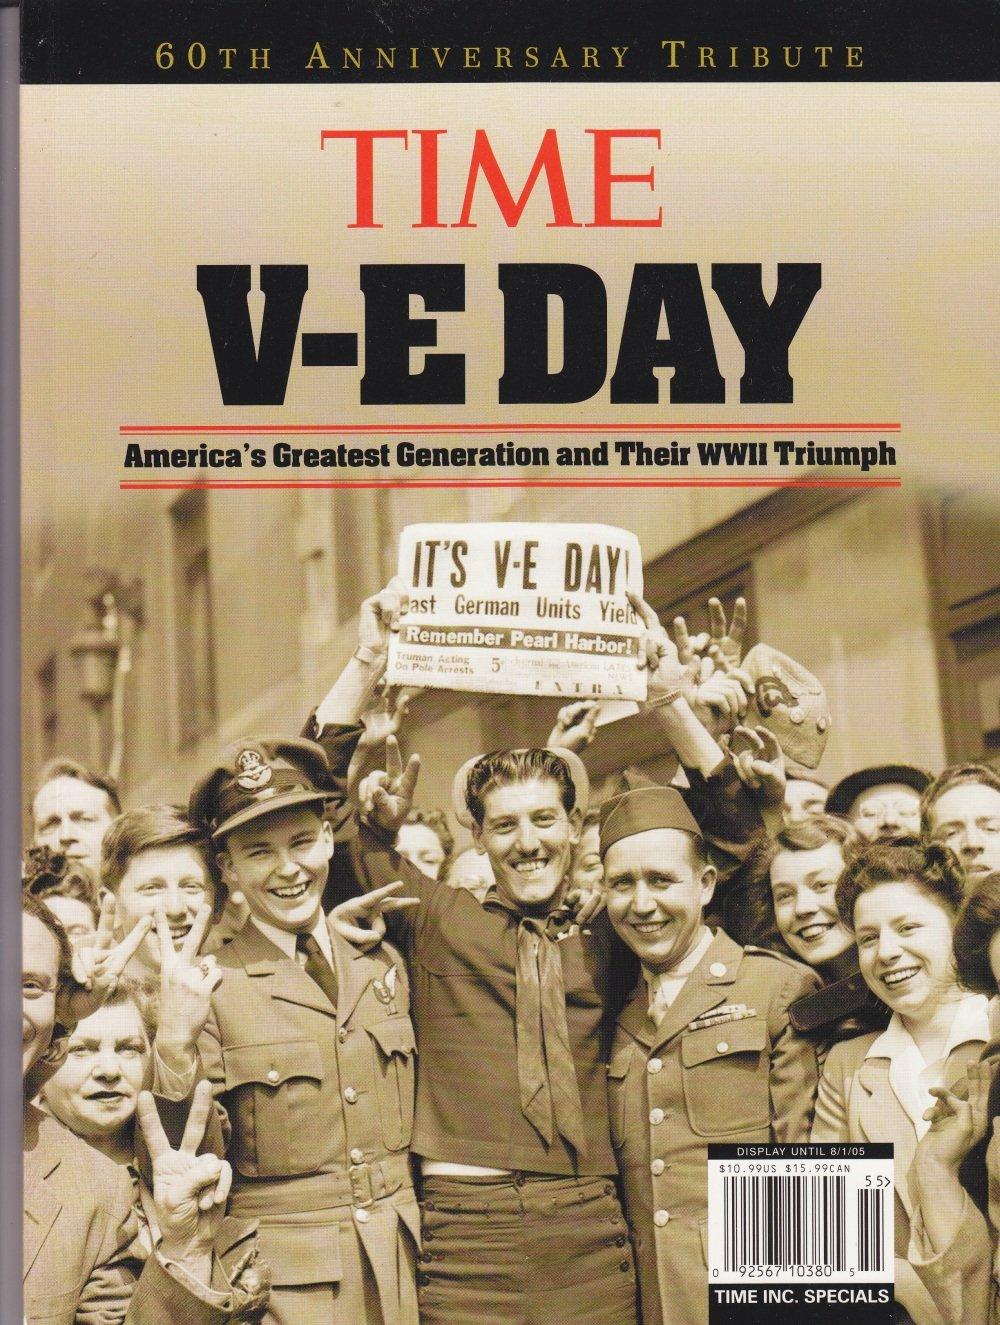 Time V-E Day 60th anniversary tribute magazine